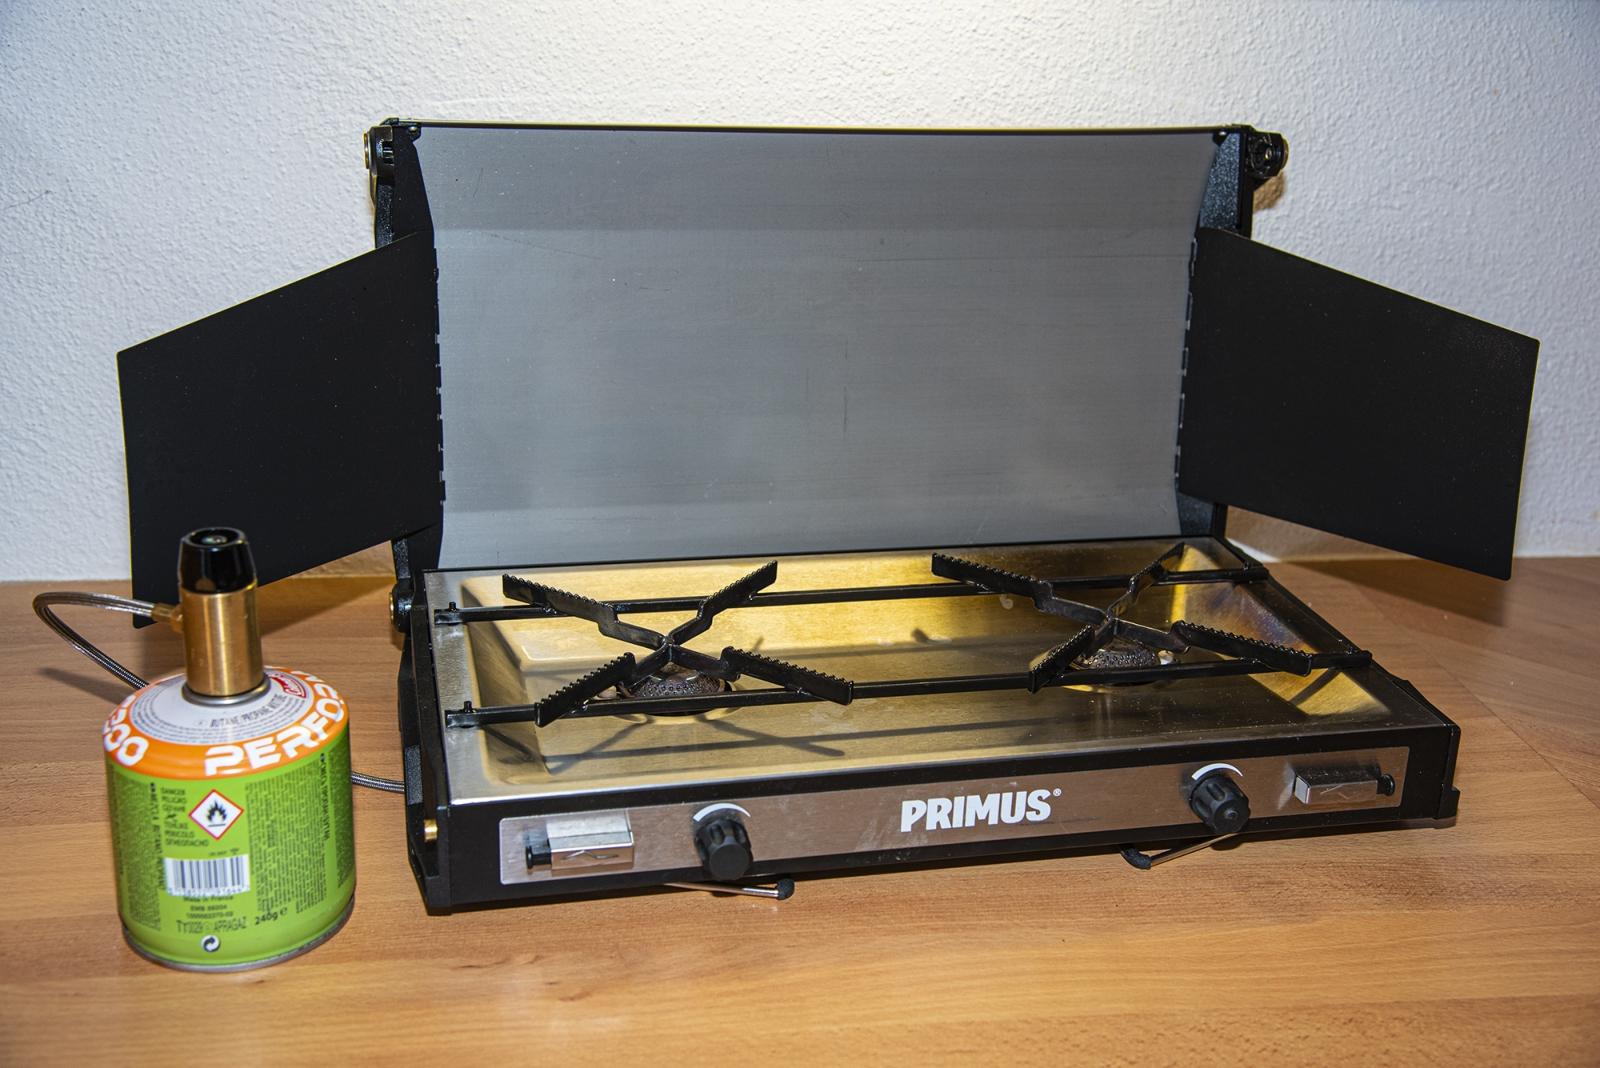 Der Campfire Tupike von Primus lässt sich mit Schraubkartuschen sowie Drei-, Fünf- und Elf-Kilo-Gasflaschen betreiben. Dadurch hat man eine große Auswahl für die Gasquelle.